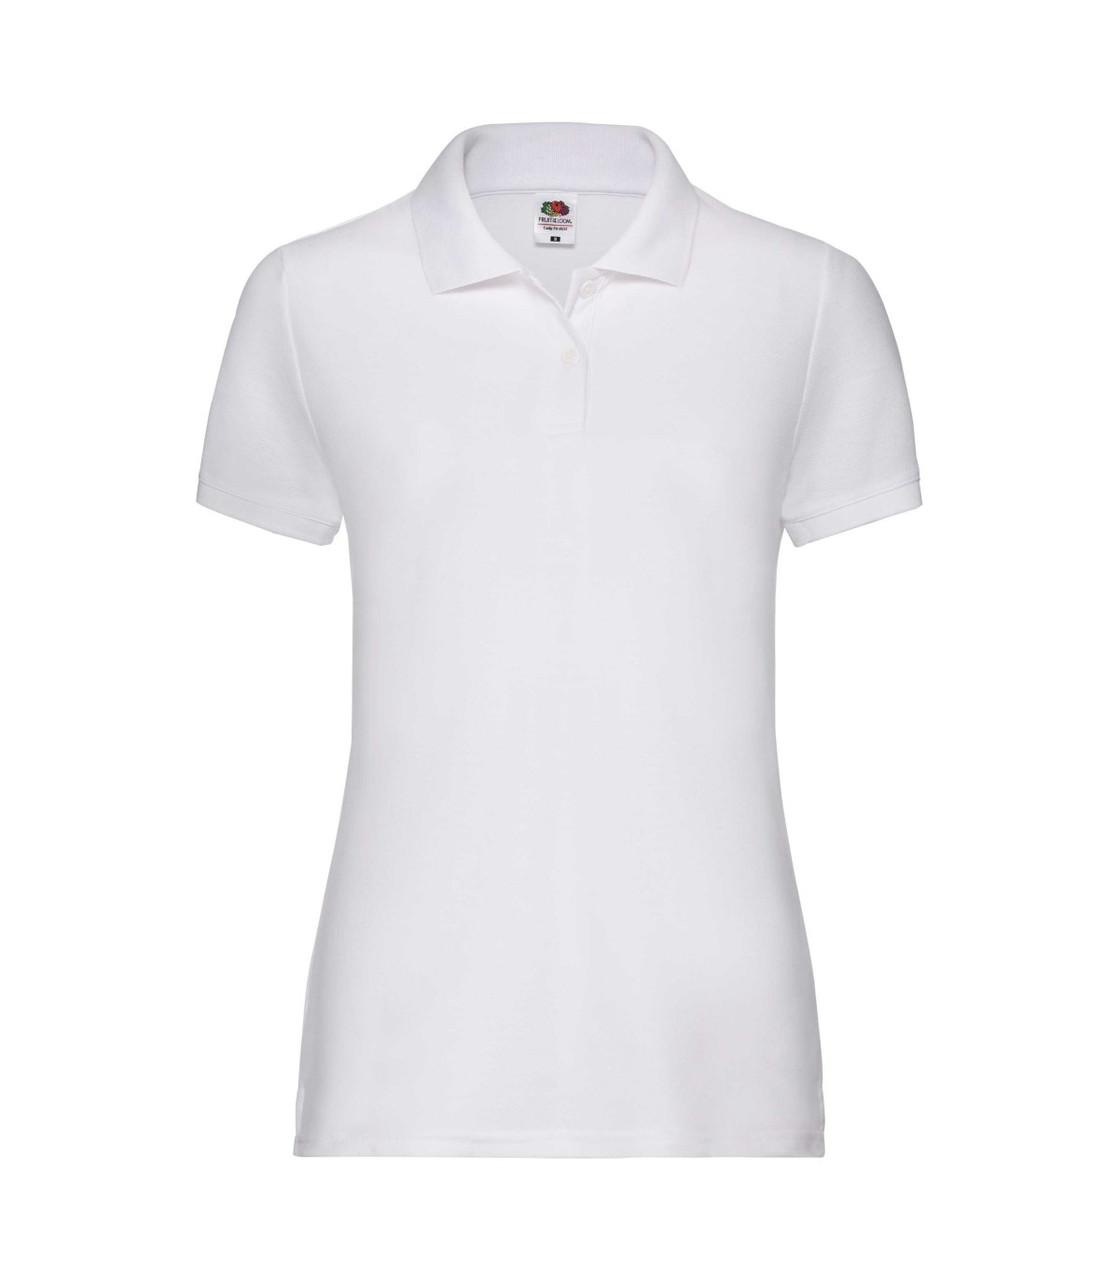 Женская футболка поло белая 212-30